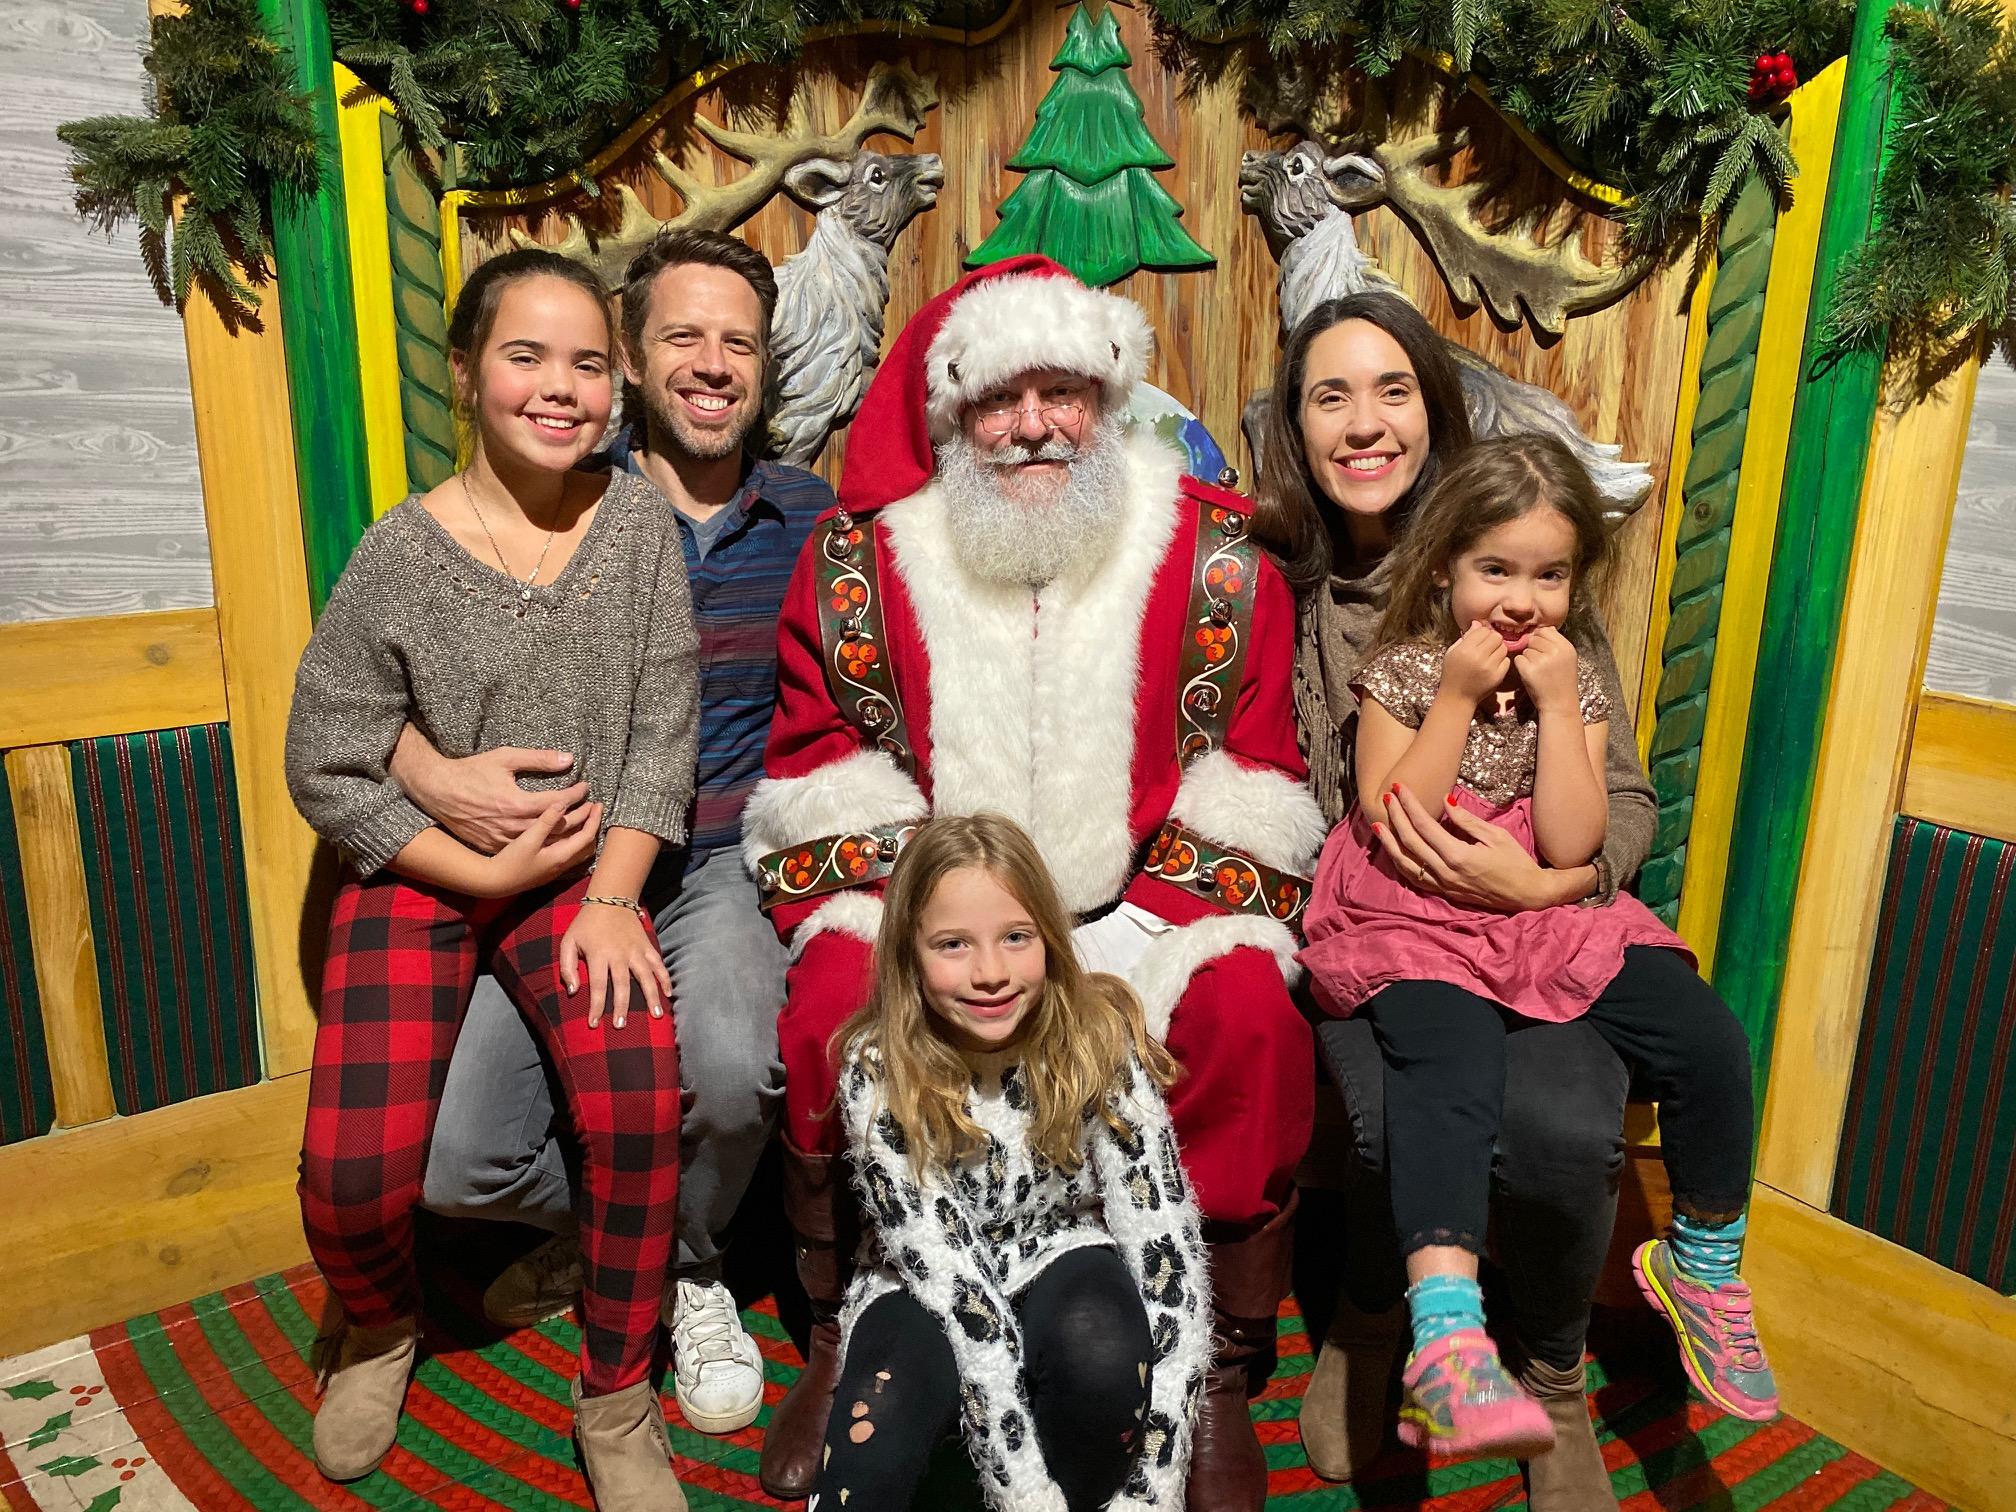 NYC Experiences over the holidays Macy's Santaland